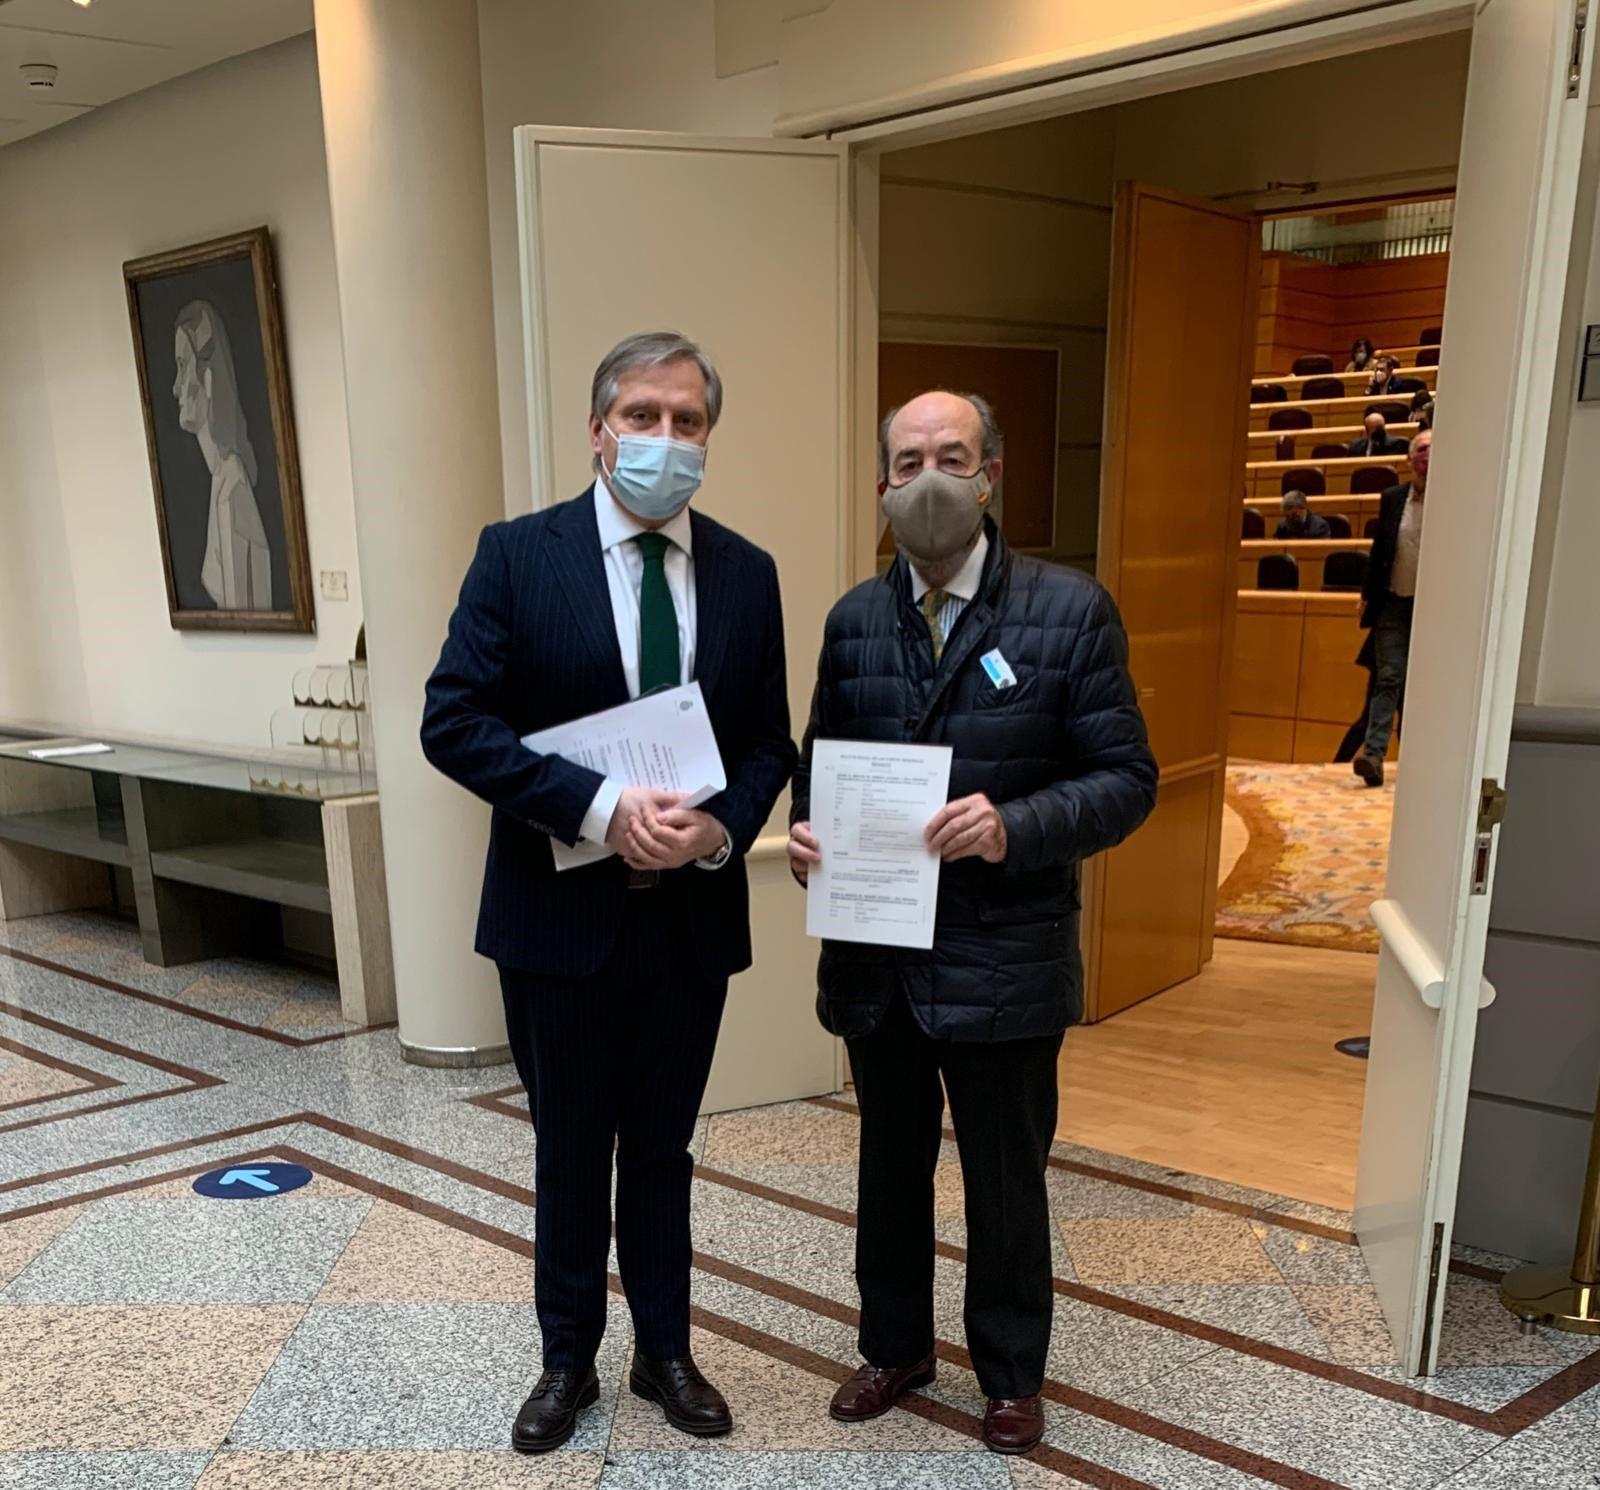 Cañizares lleva al Senado la enmienda presentada por el PP a los PGE para abastecer de agua y saneamiento a Las Virtudes